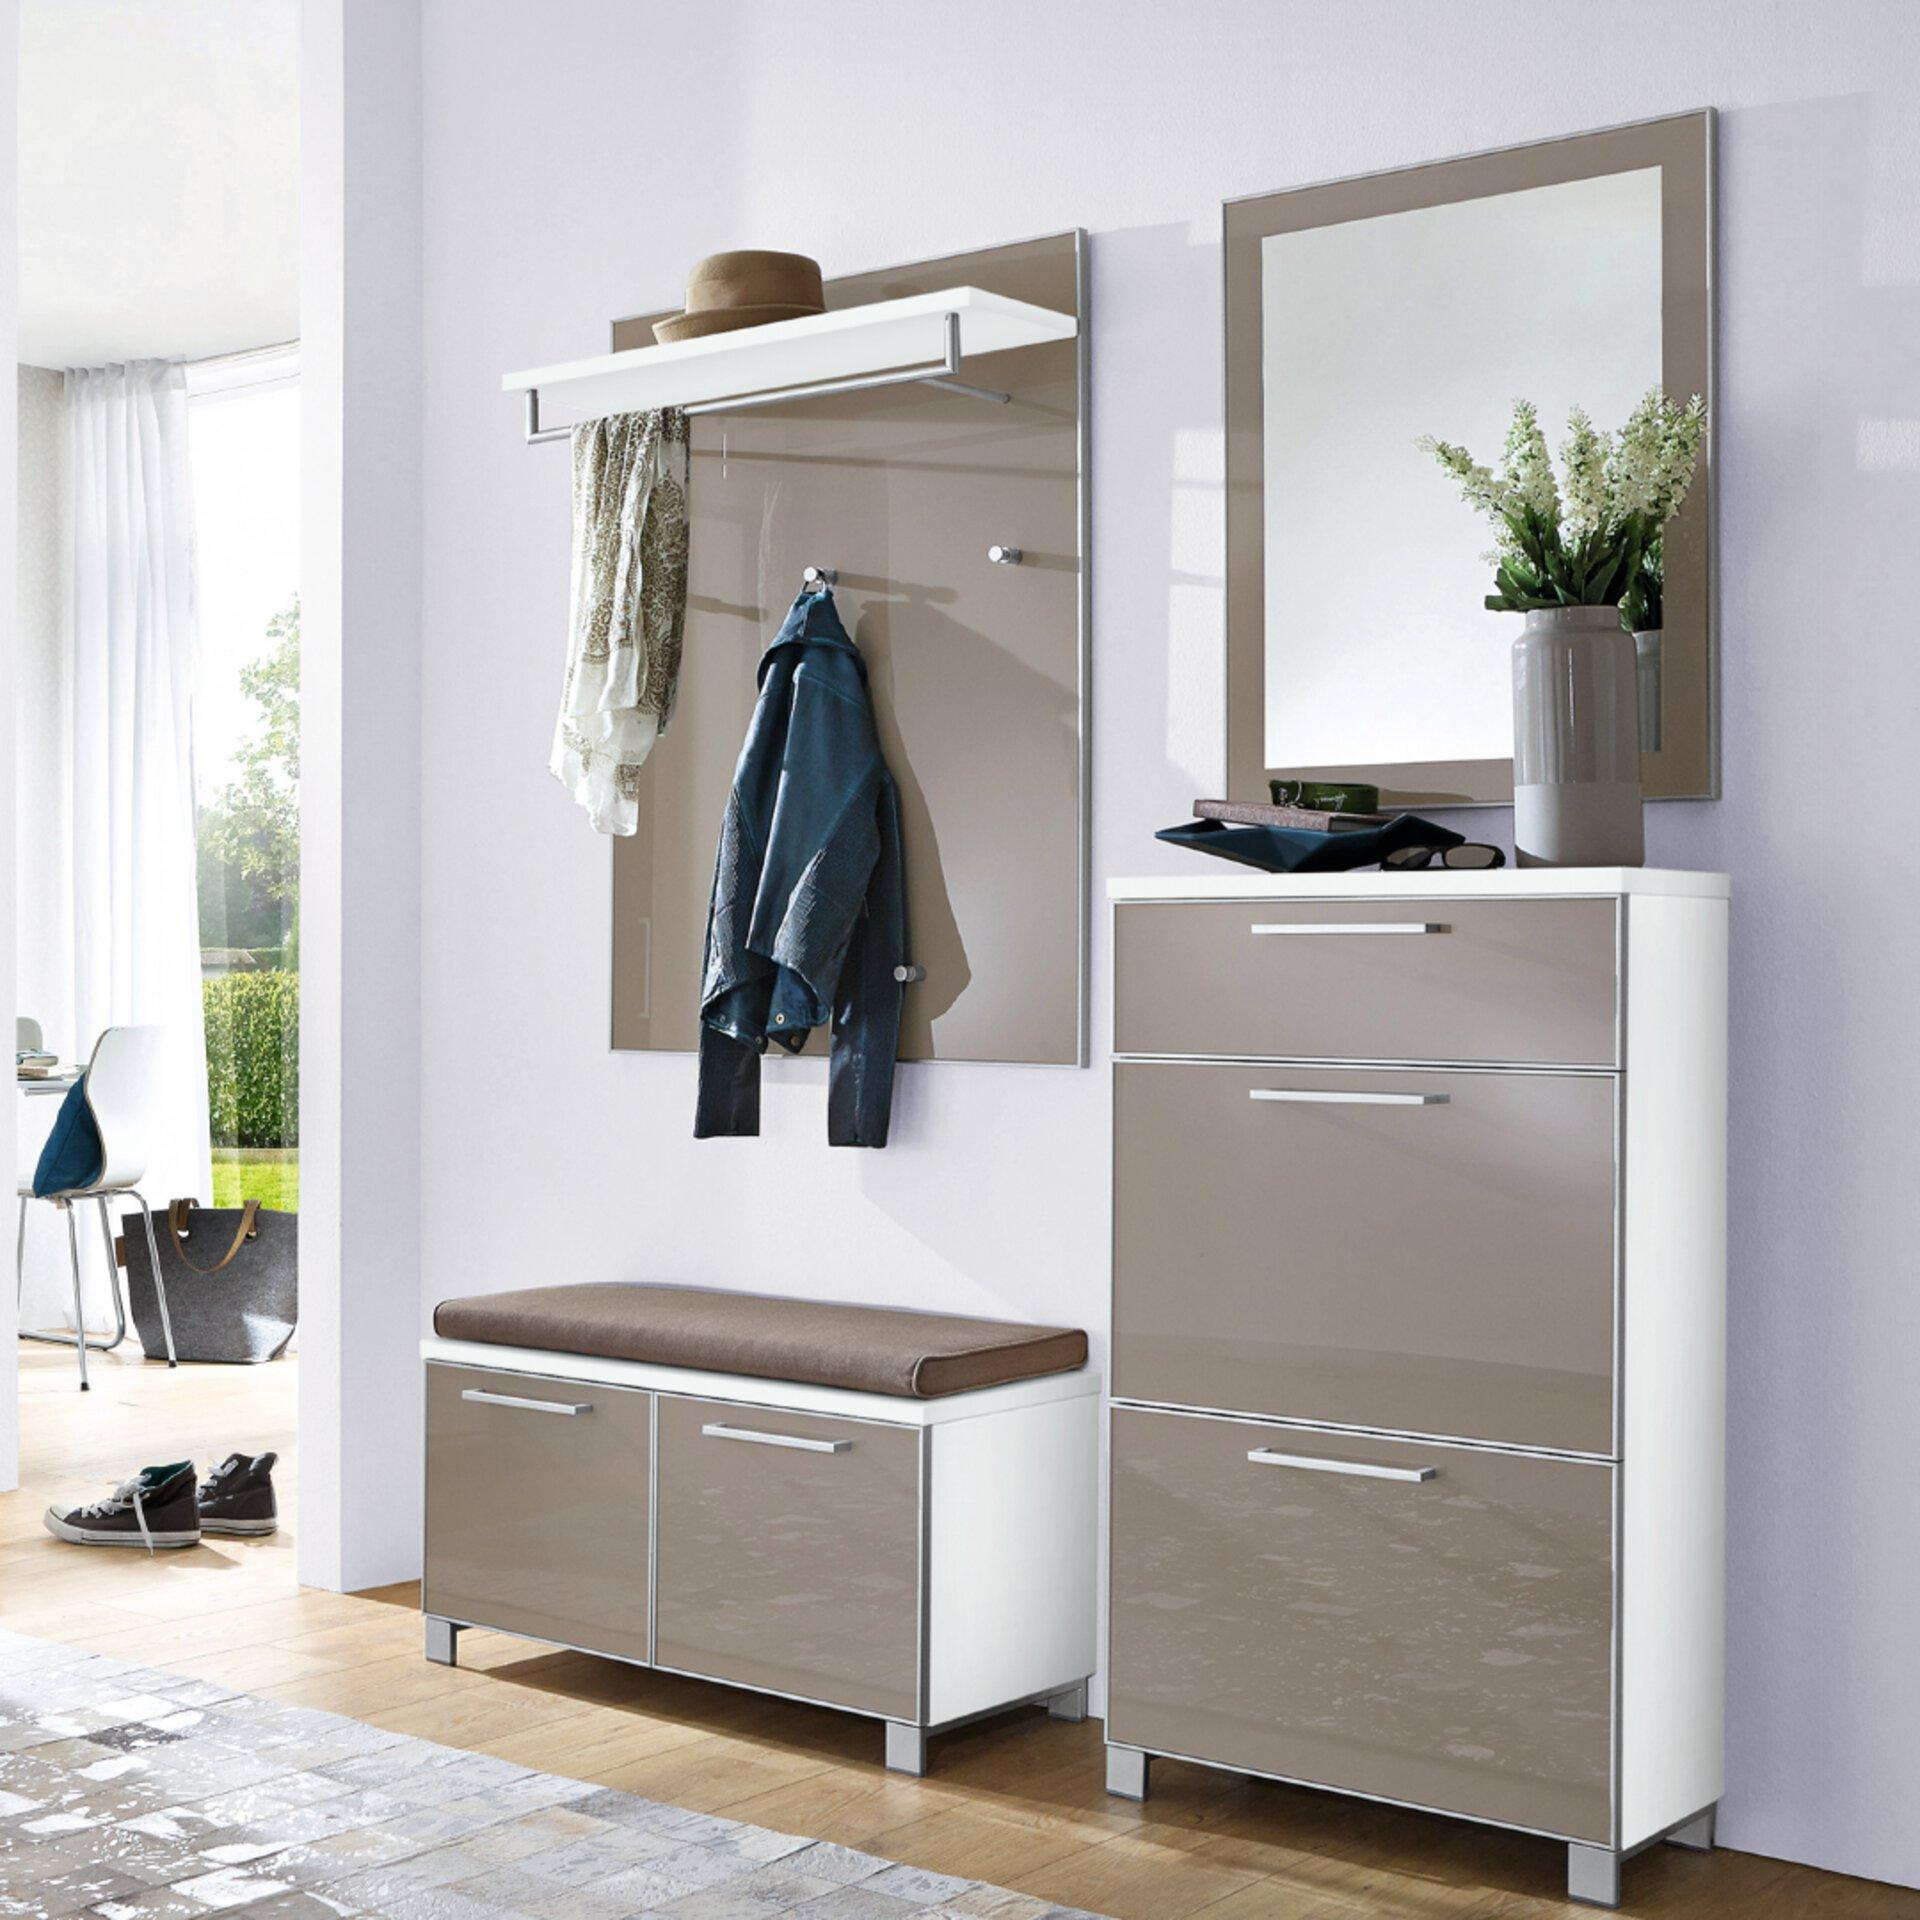 Schuhschrank in grau und Glas von Voss Möbel